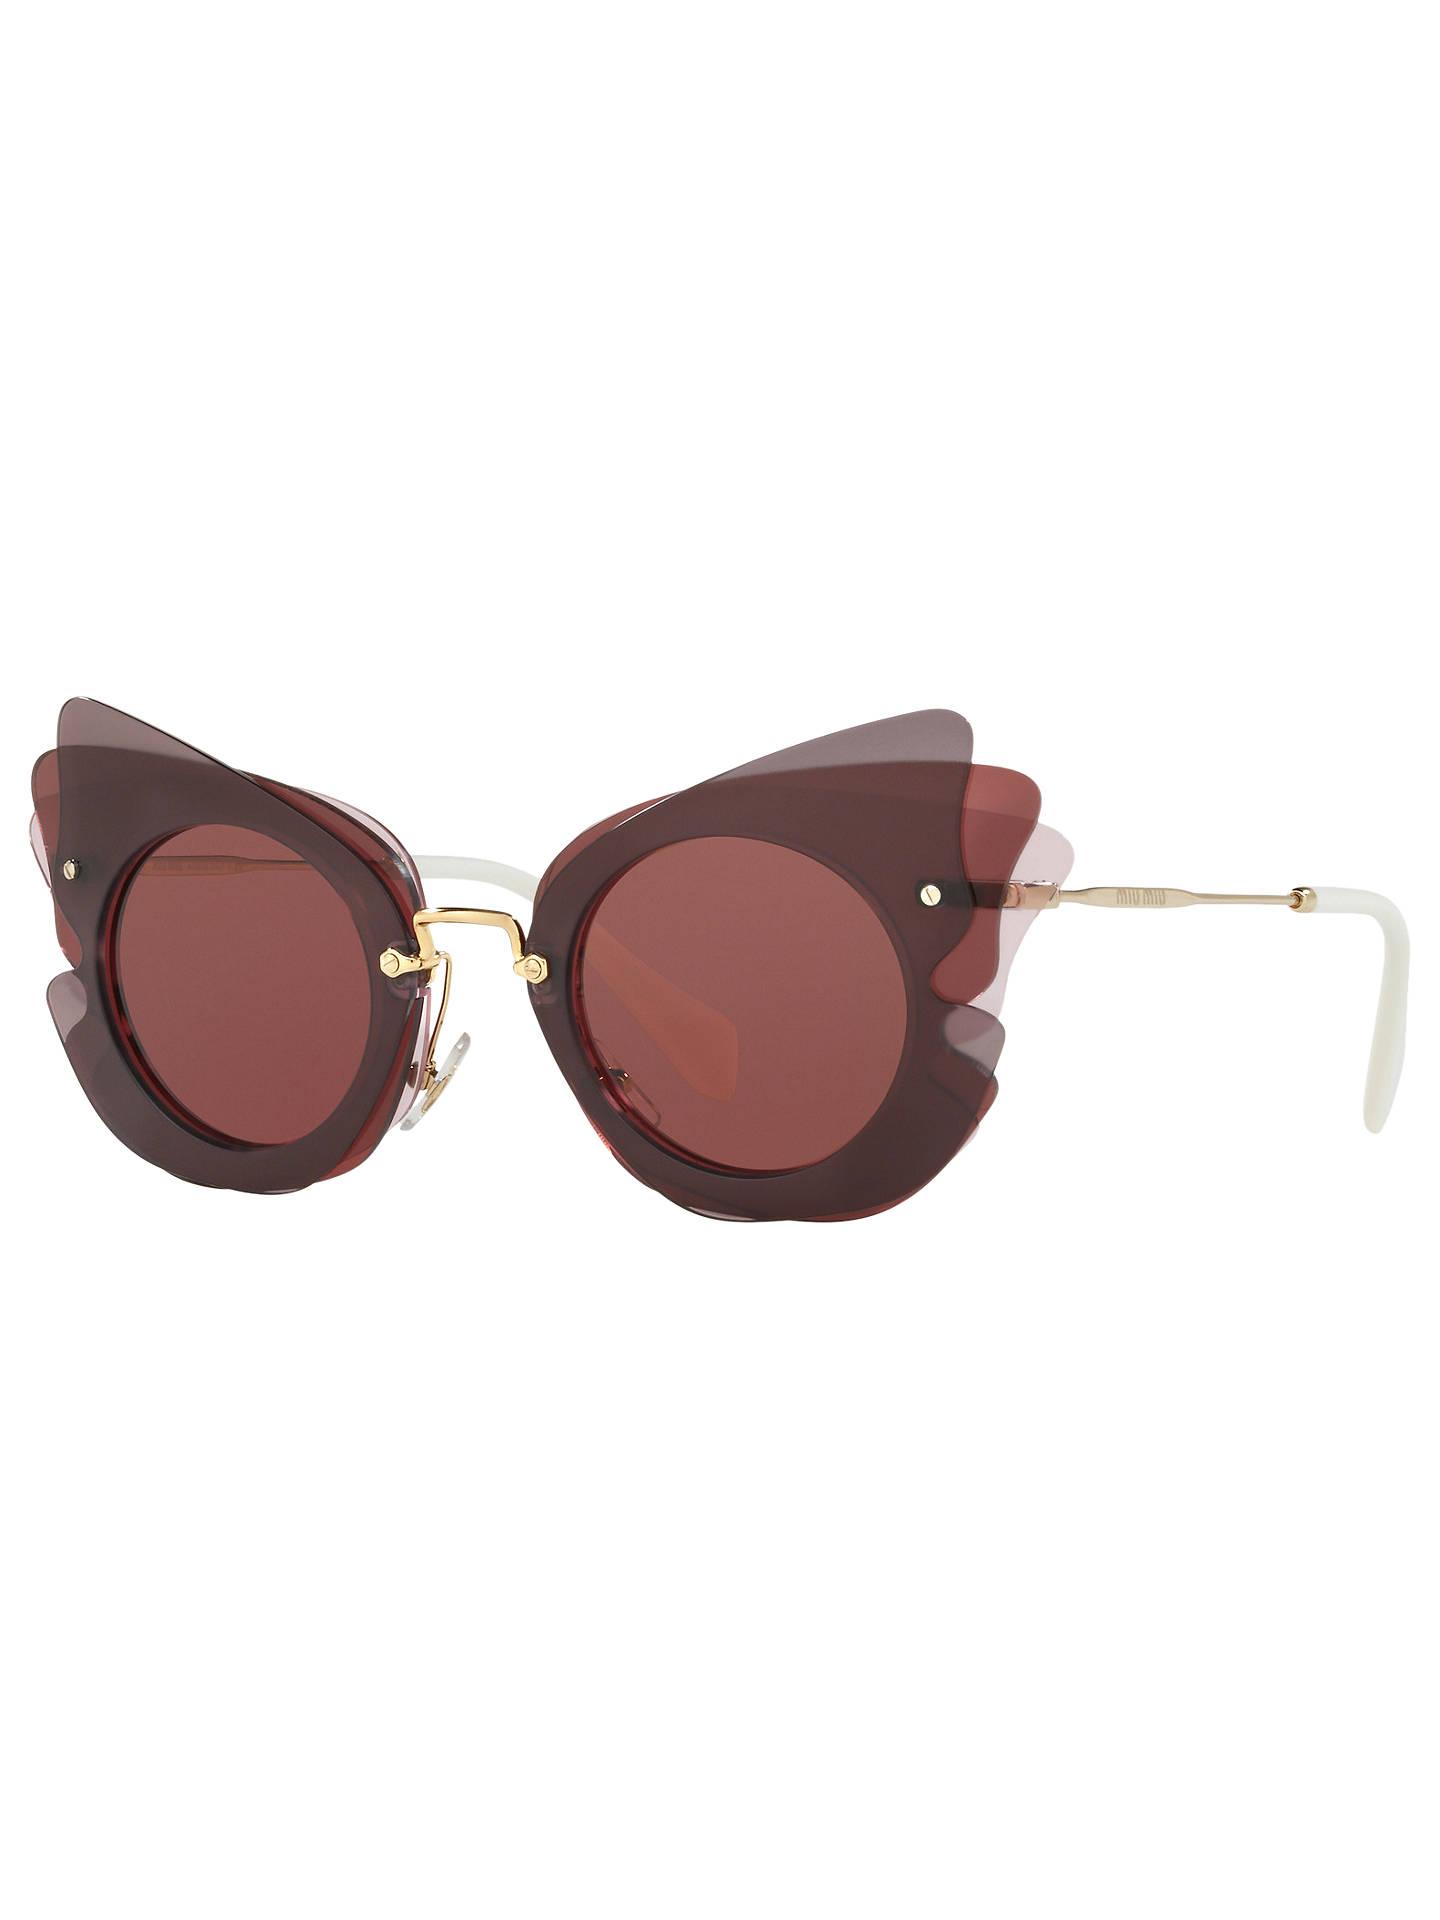 0d3b473b16bb Buy Miu Miu MU 02SS Triple Butterfly Frame Sunglasses, Dark  Brown/Terracotta Online at ...